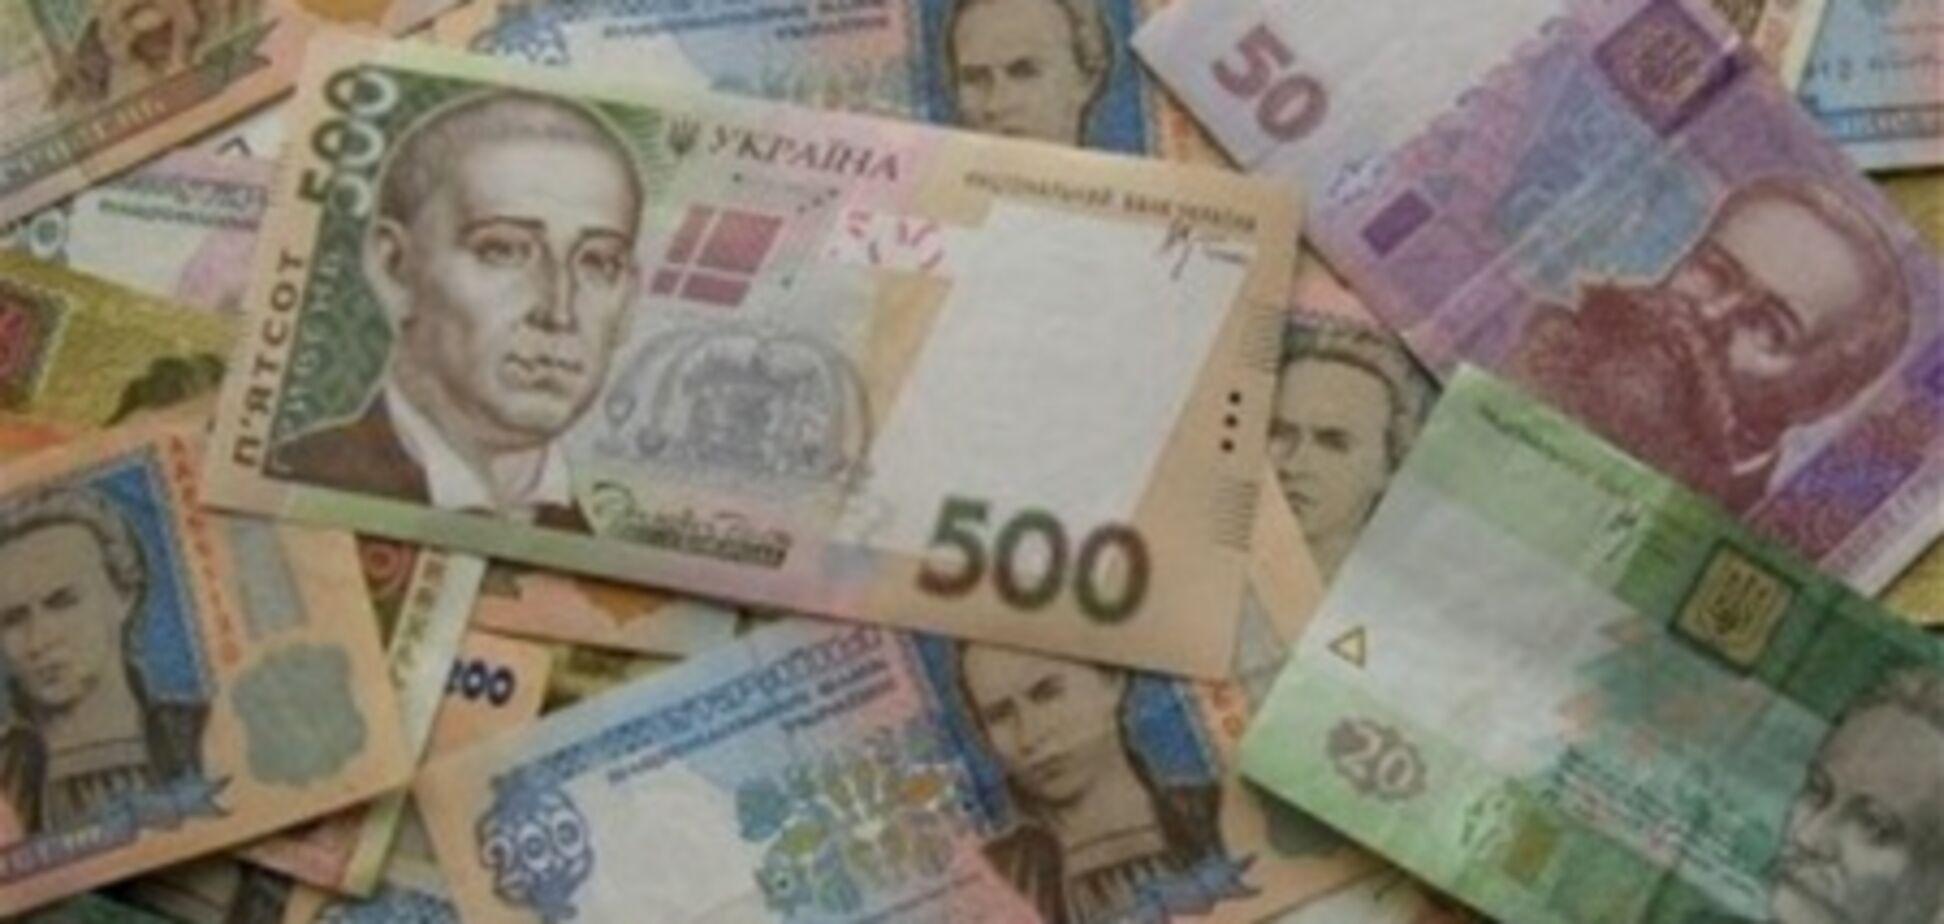 Чиновница присвоила 10 тыс. грн, выделенные на лечение ребенка